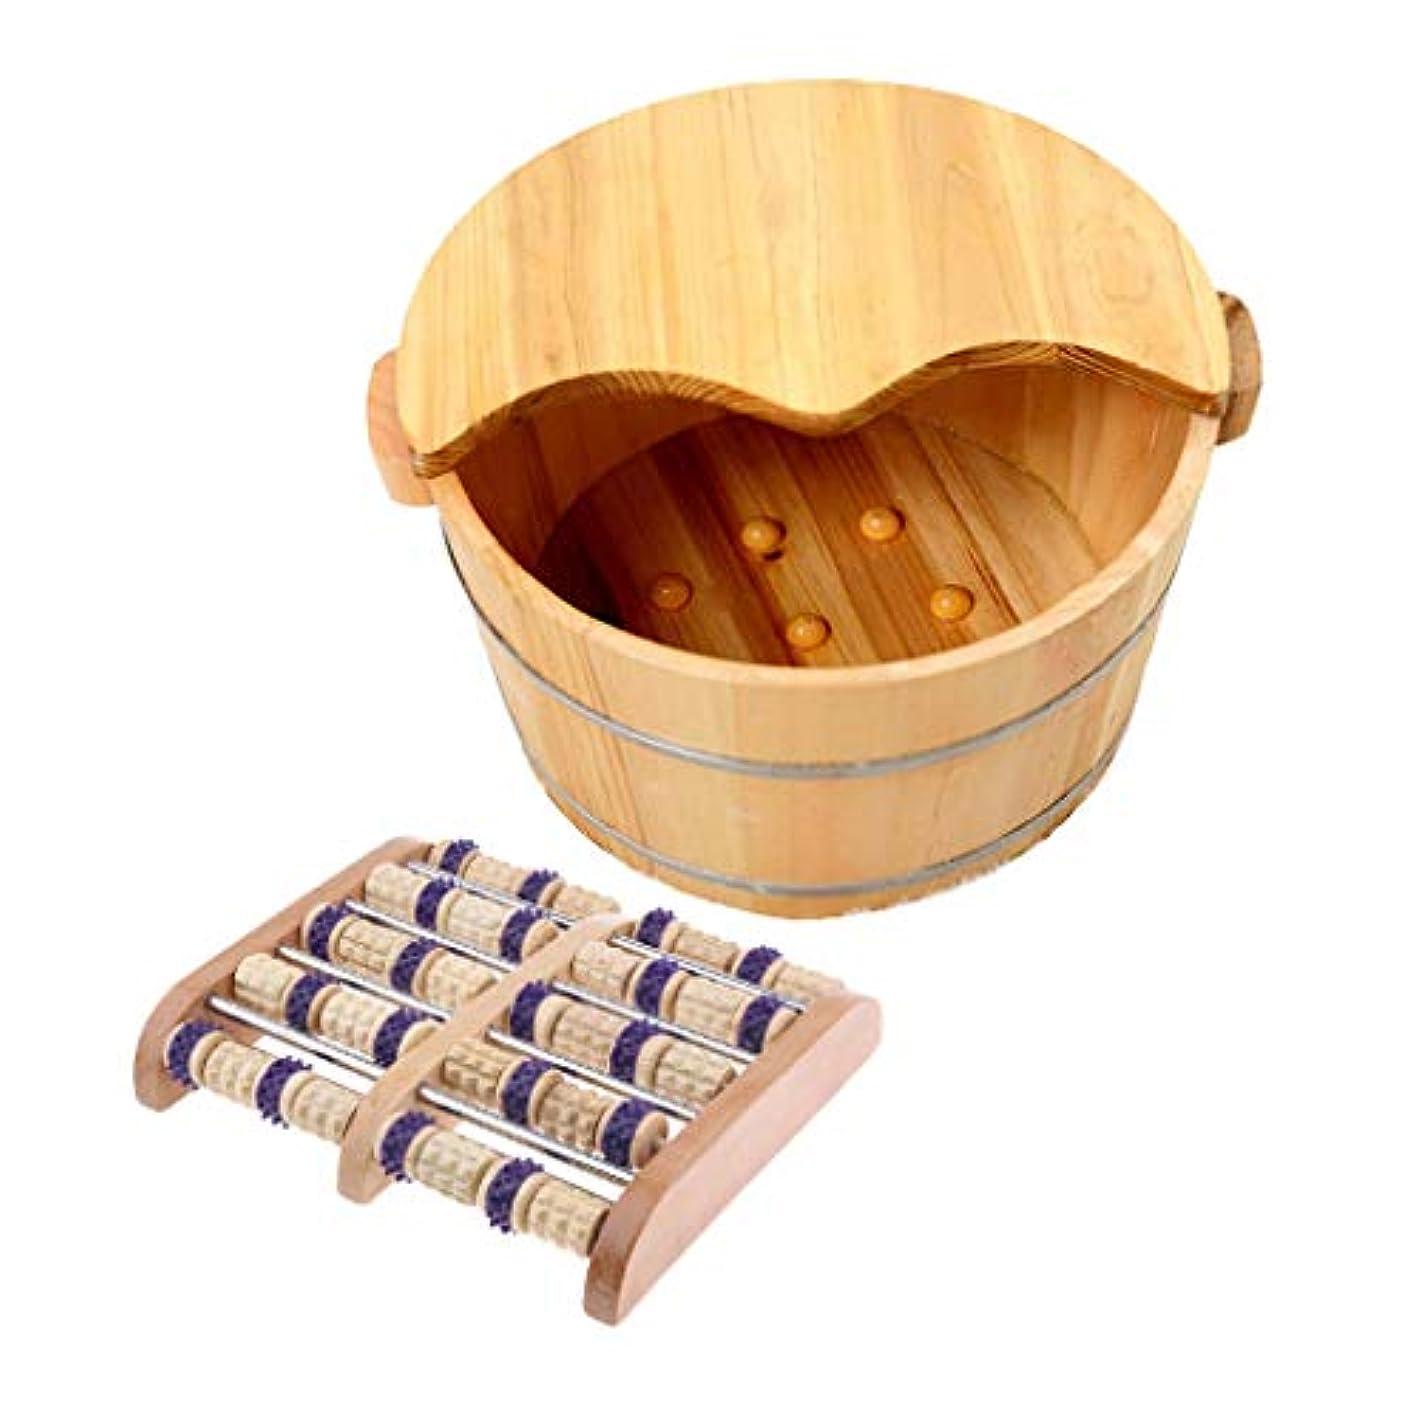 ゴミ箱を空にするに向けて出発症候群CUTICATE 足つぼマッサージ器 手作りウッドフットマッサー 木製の足の洗面台付き 足裏 ツボ押 血行促進